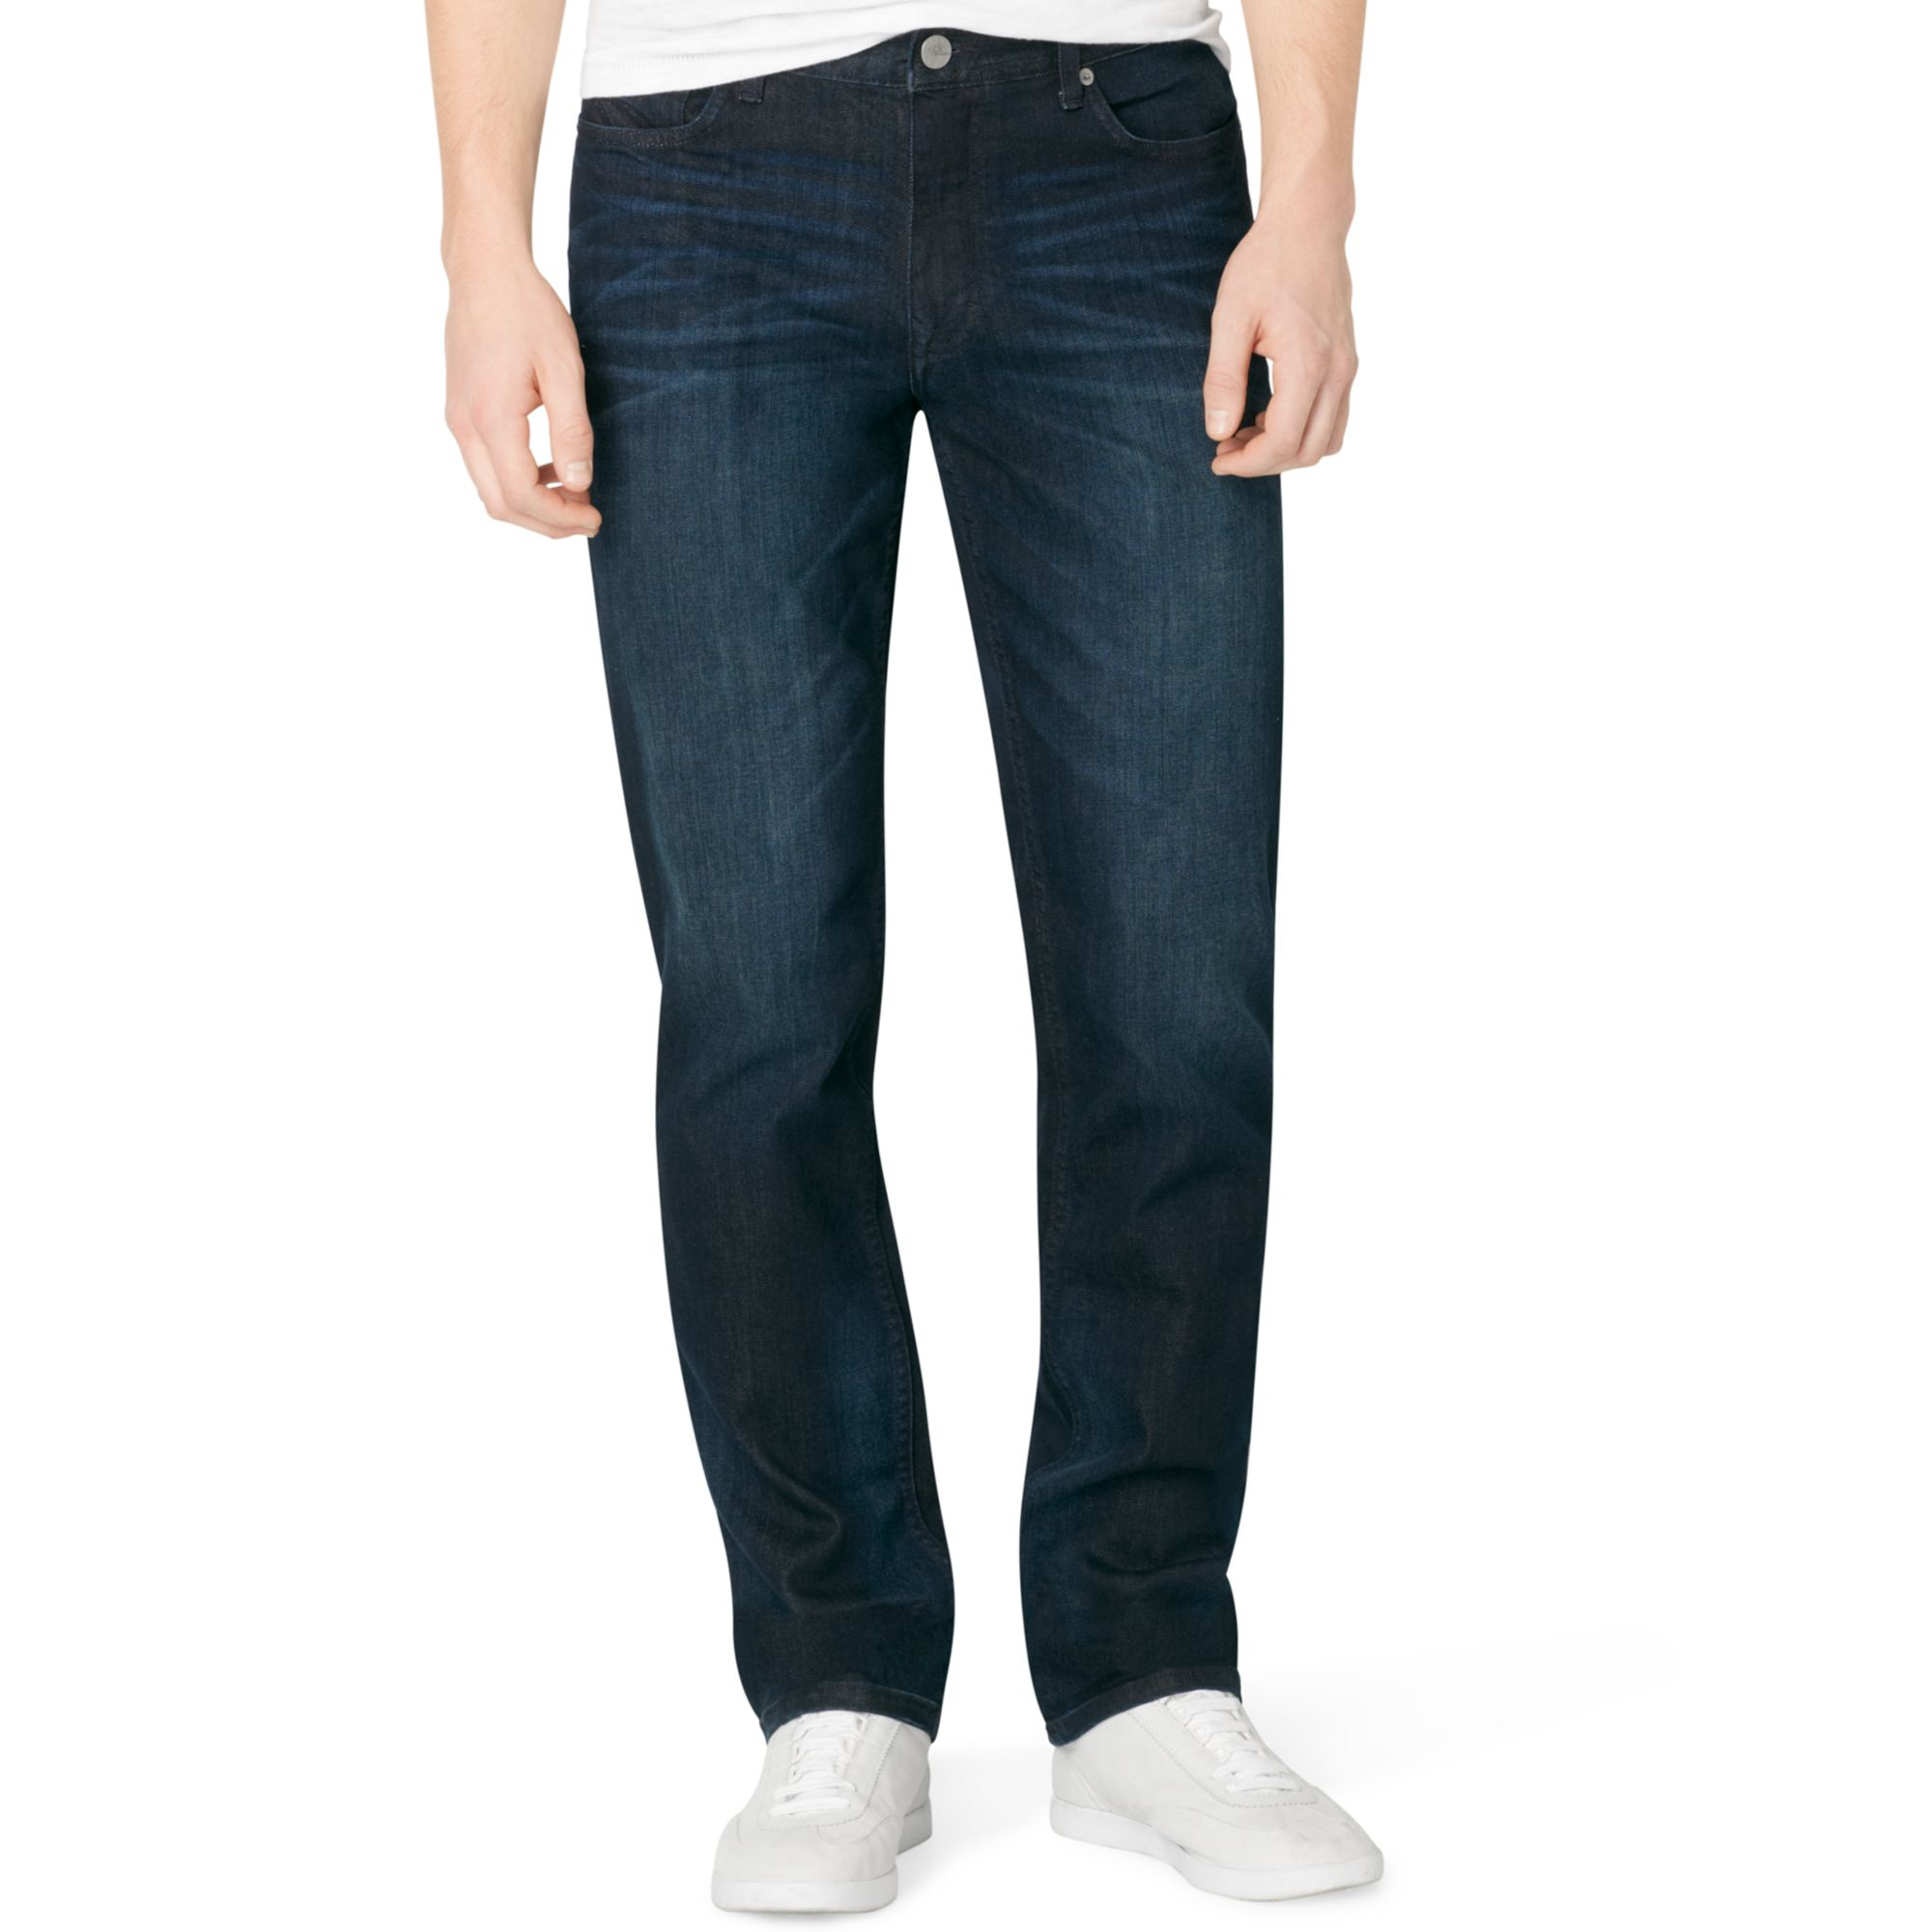 calvin klein jeans slim straight jeans in blue for men. Black Bedroom Furniture Sets. Home Design Ideas